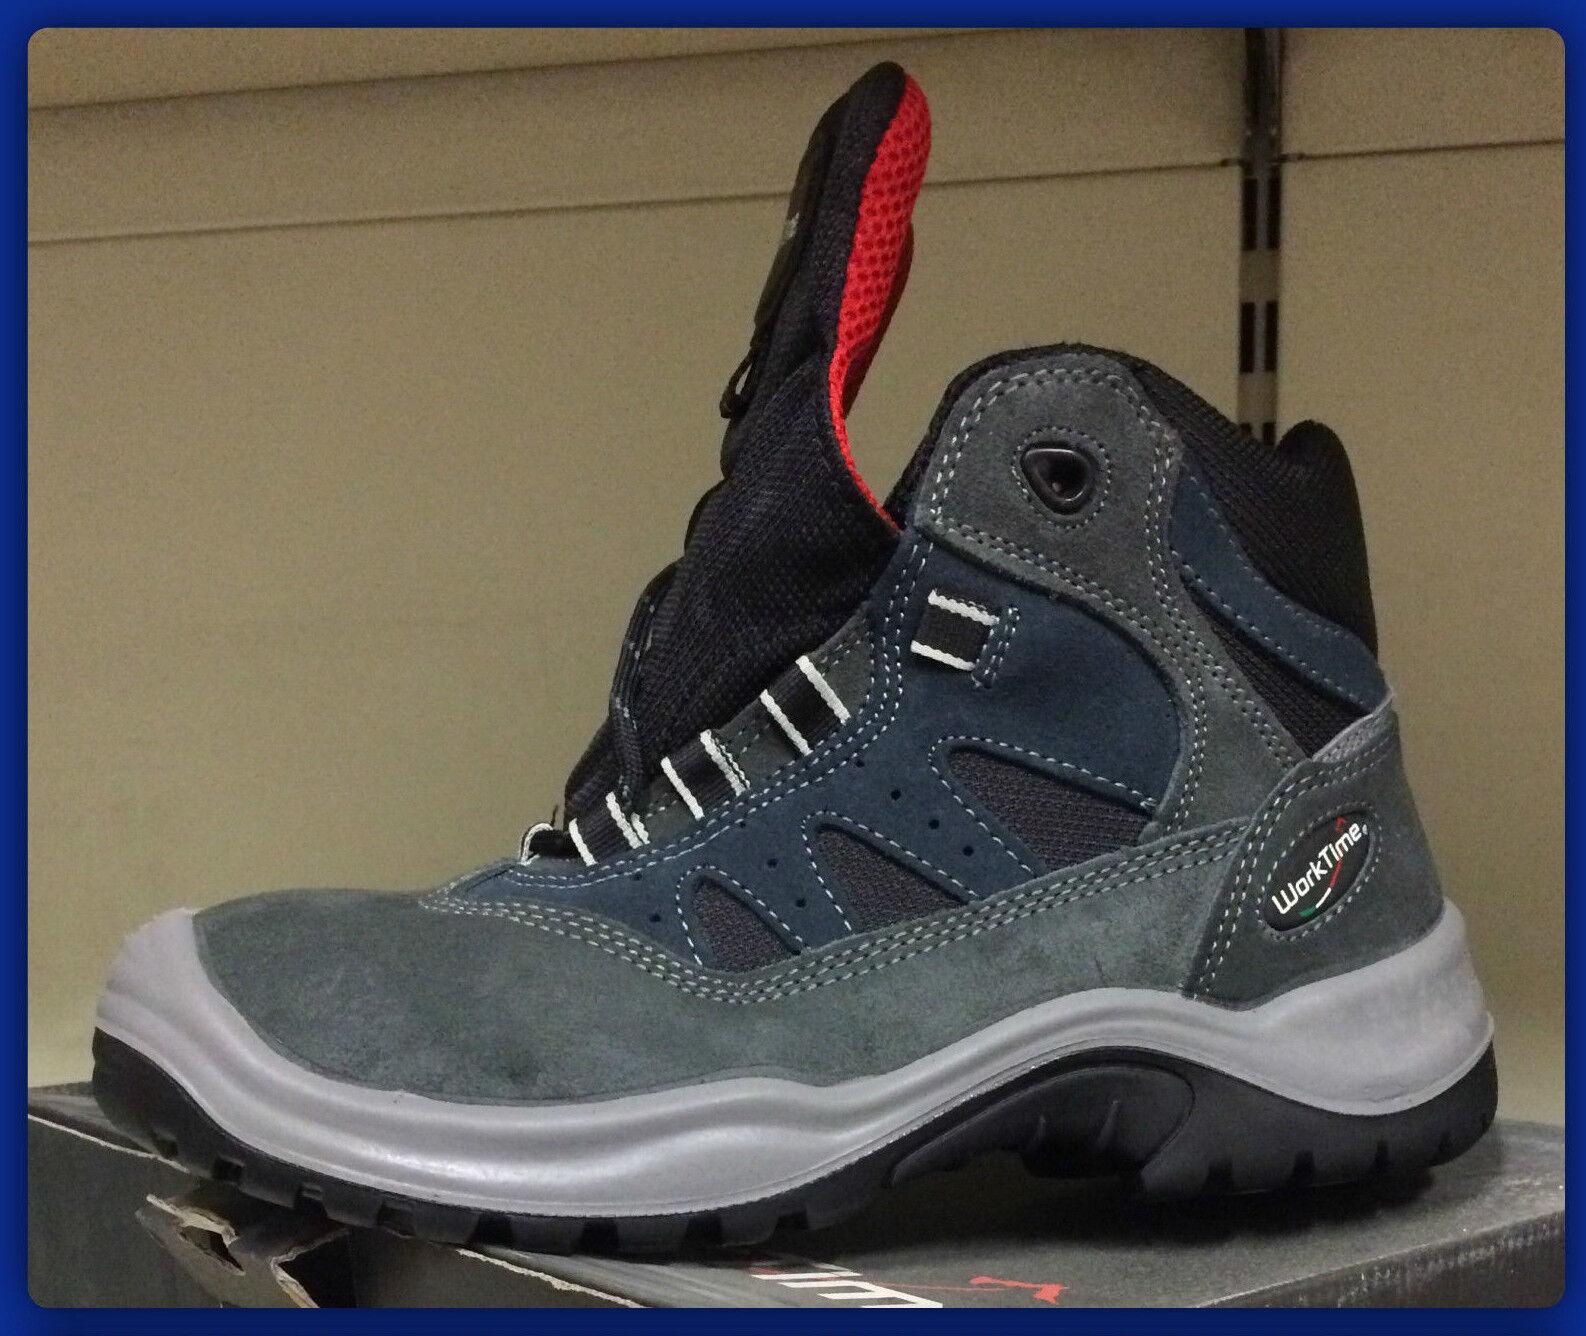 Schuhe von der Arbeit der Sicherheit Sicherheit worktime Modell Probe High n.40